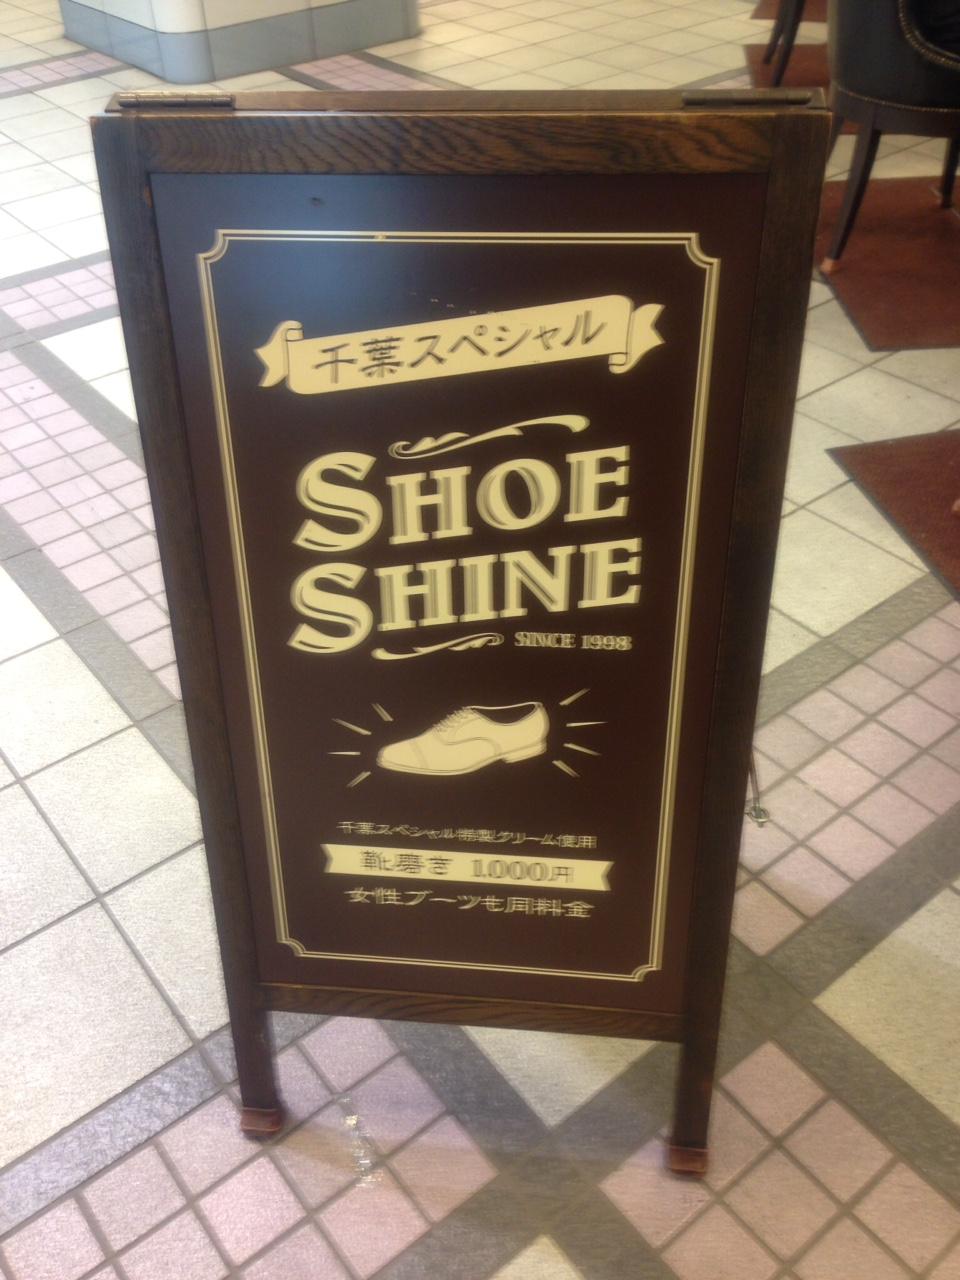 有楽町交通会館わきにある靴磨き【千葉スペシャル】に行って来た